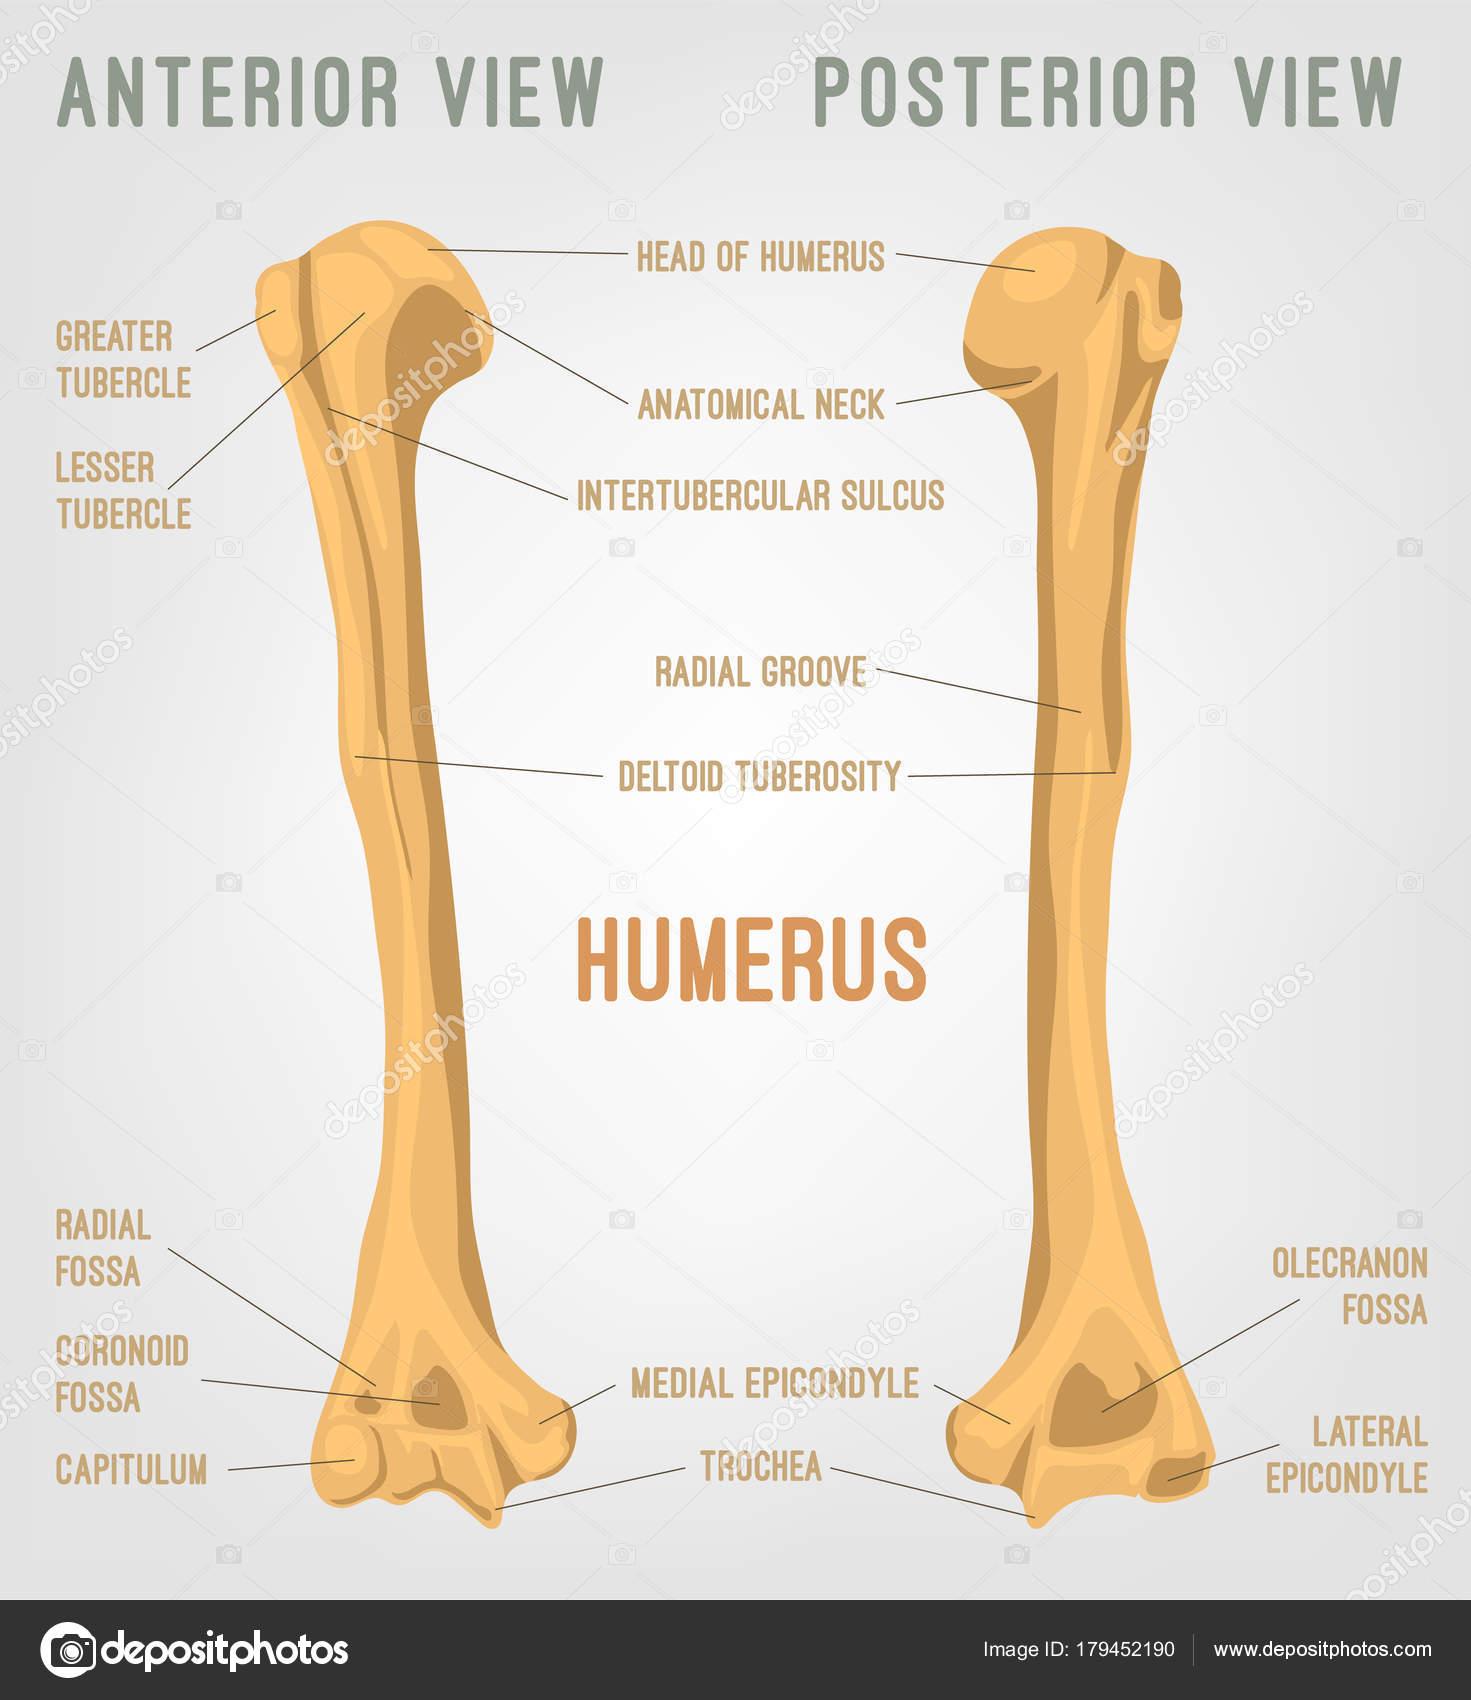 Menschlicher Humerus Knochen — Stockvektor © annyart #179452190